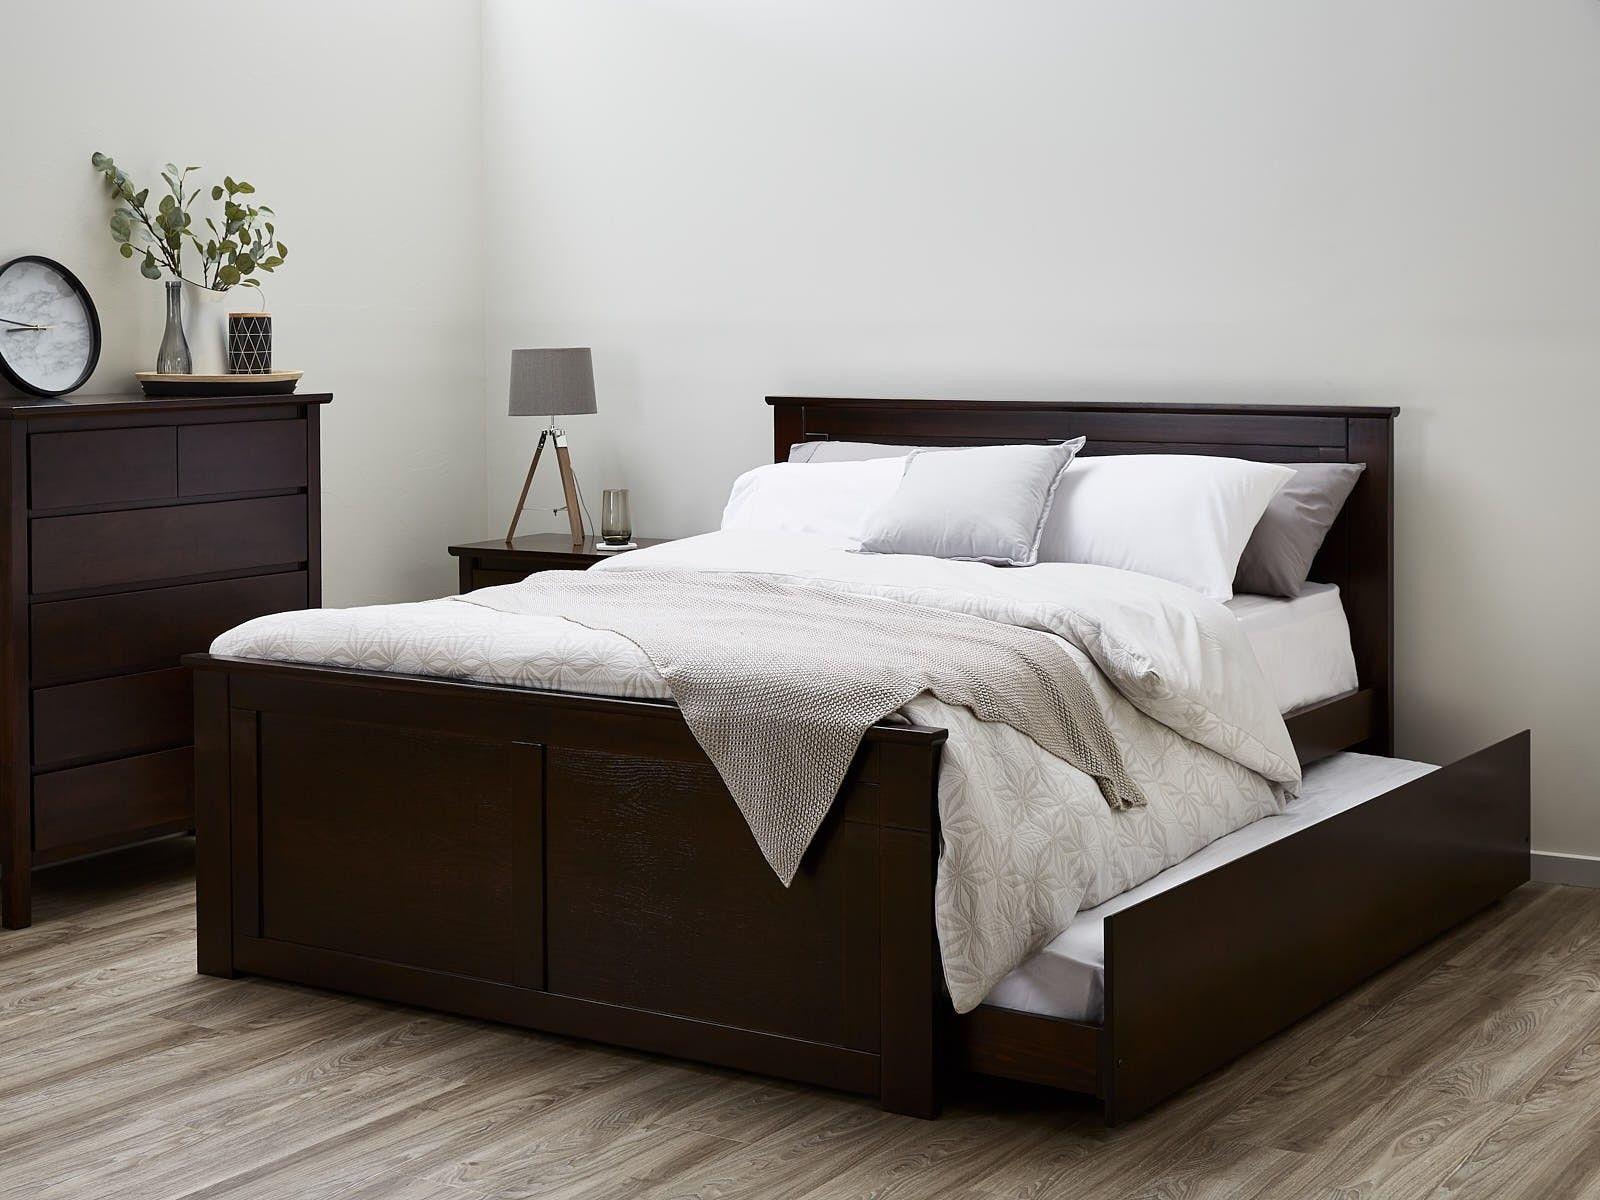 Ausziehbares Zweibettzimmer Mit Etagenbett Betten